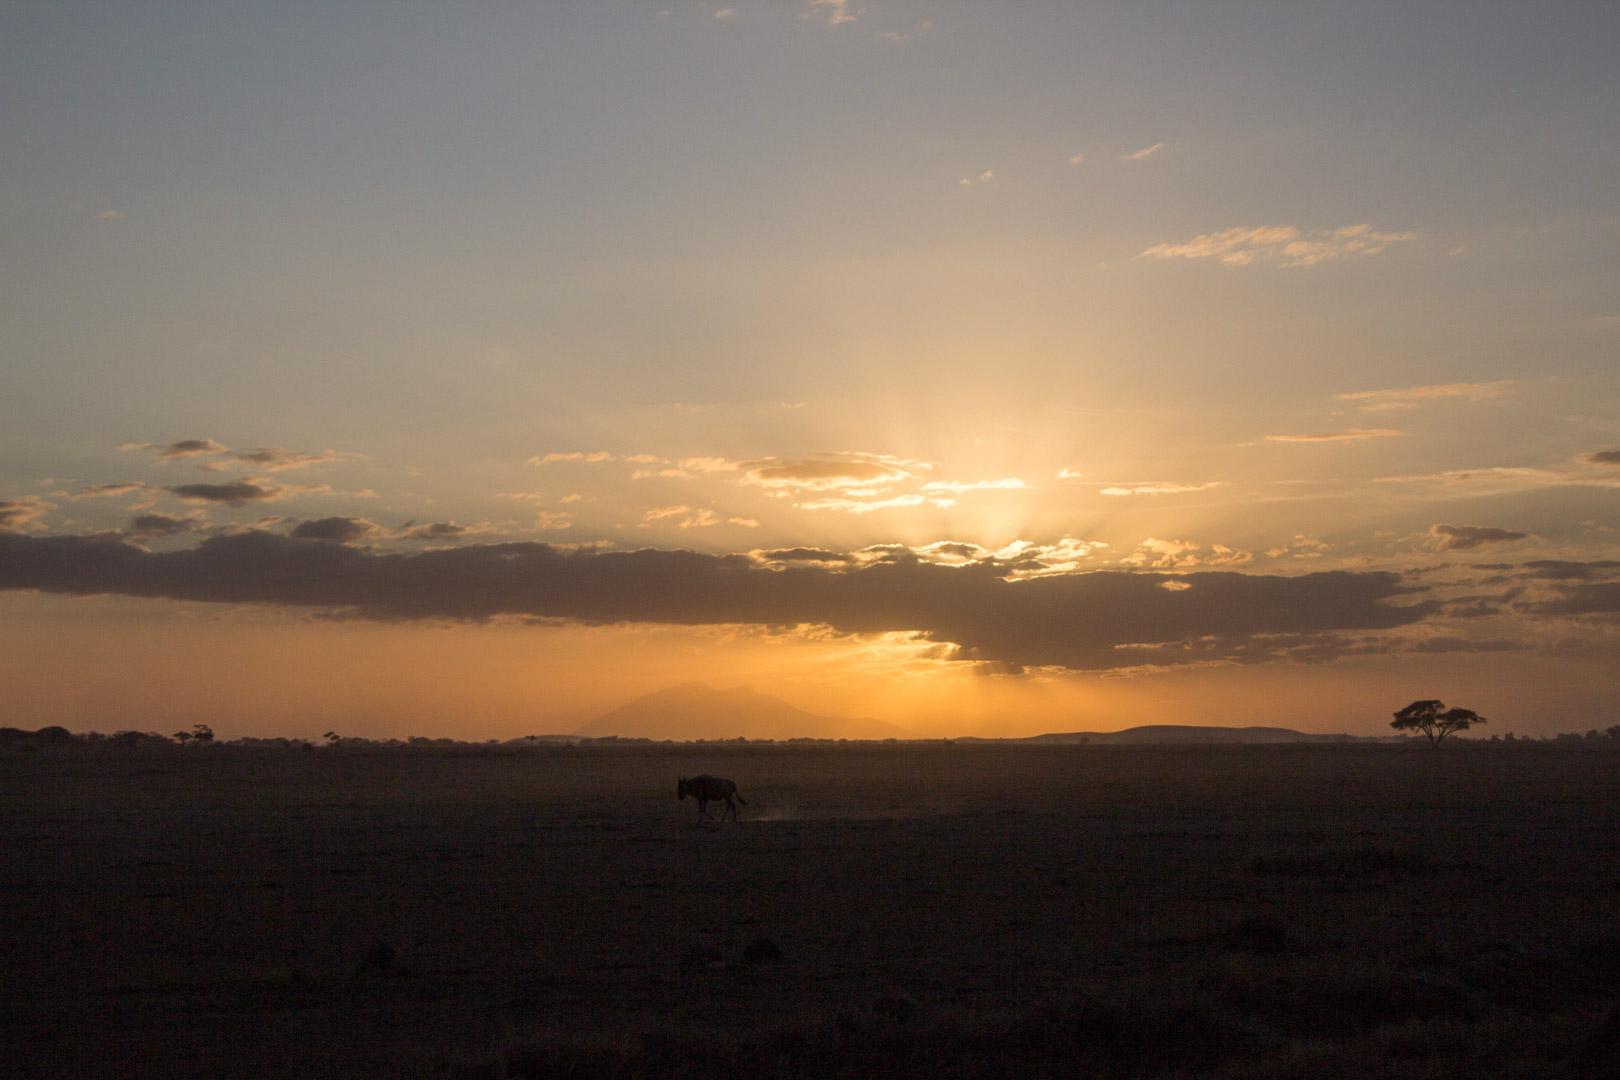 Puesta de sol, Parque Nacional de Amboseli, Kenia